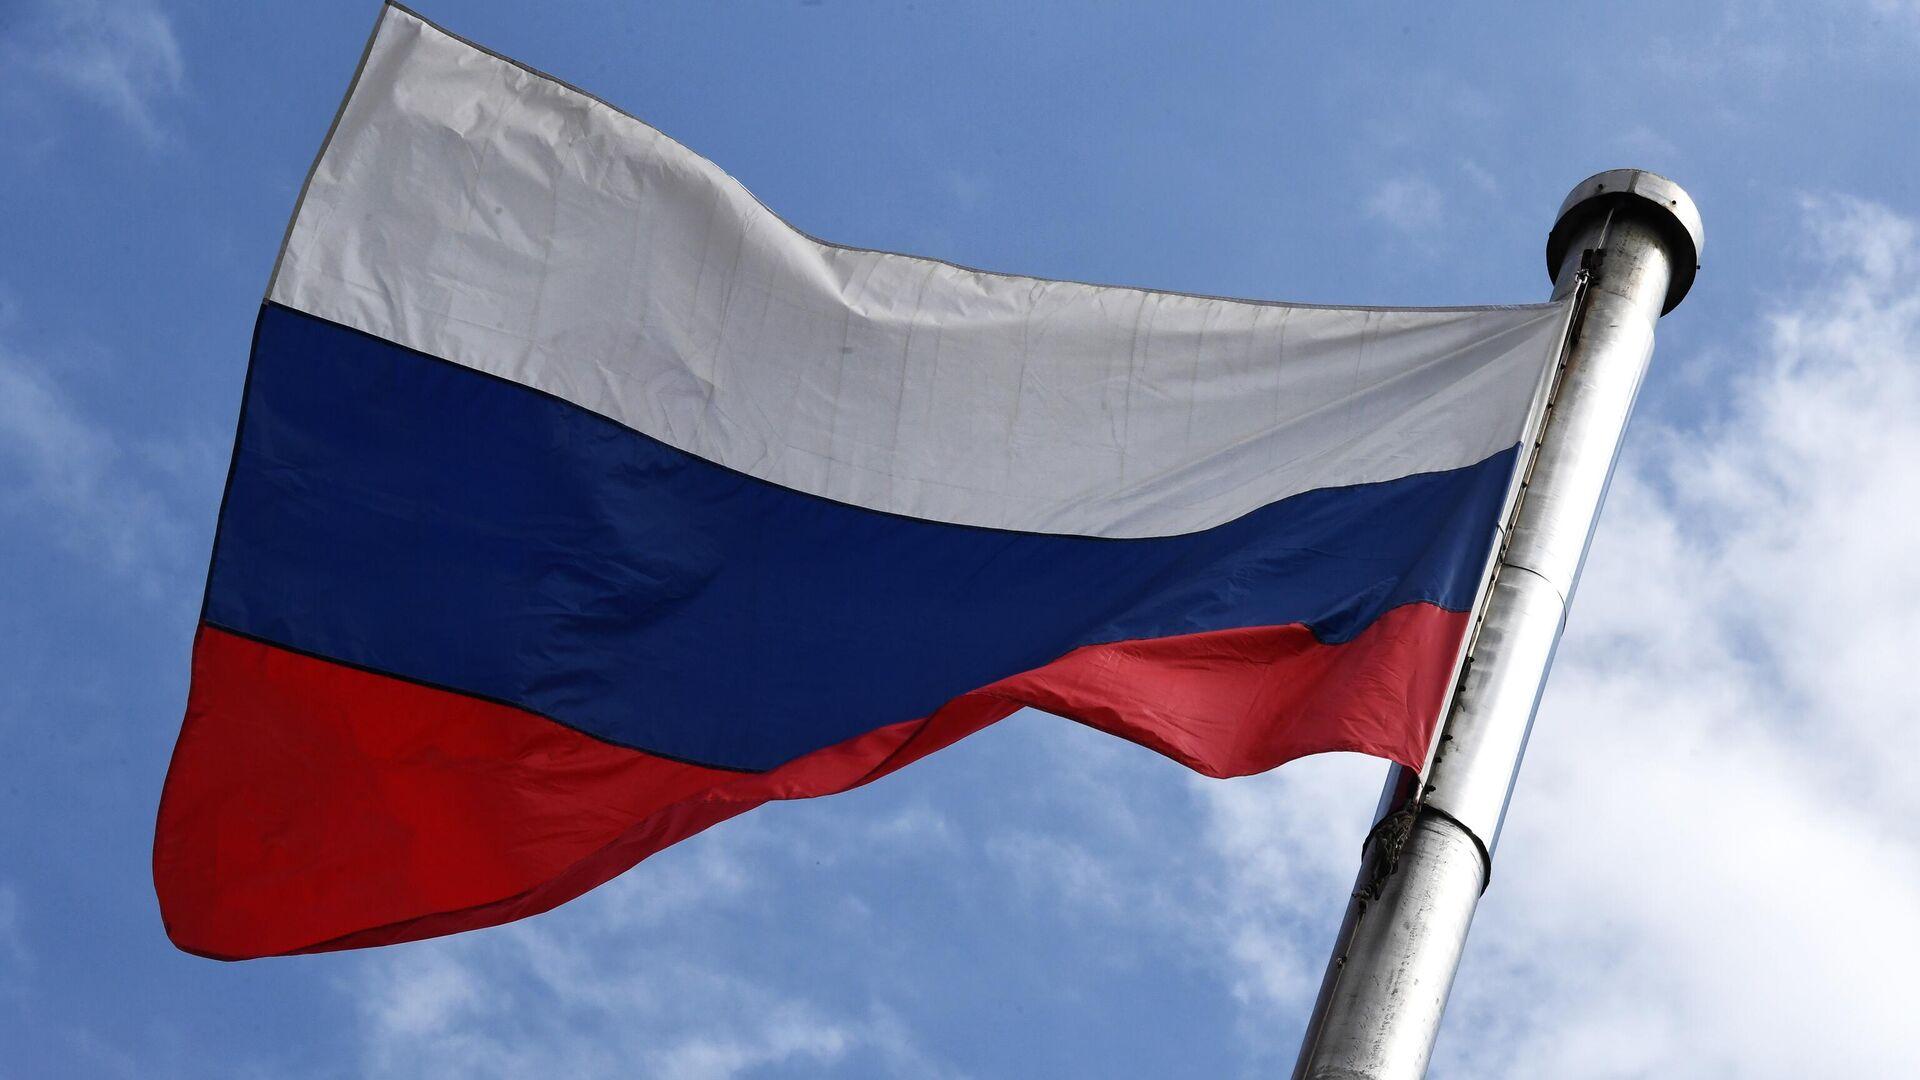 Празднование Дня государственного флага России - РИА Новости, 1920, 21.07.2021